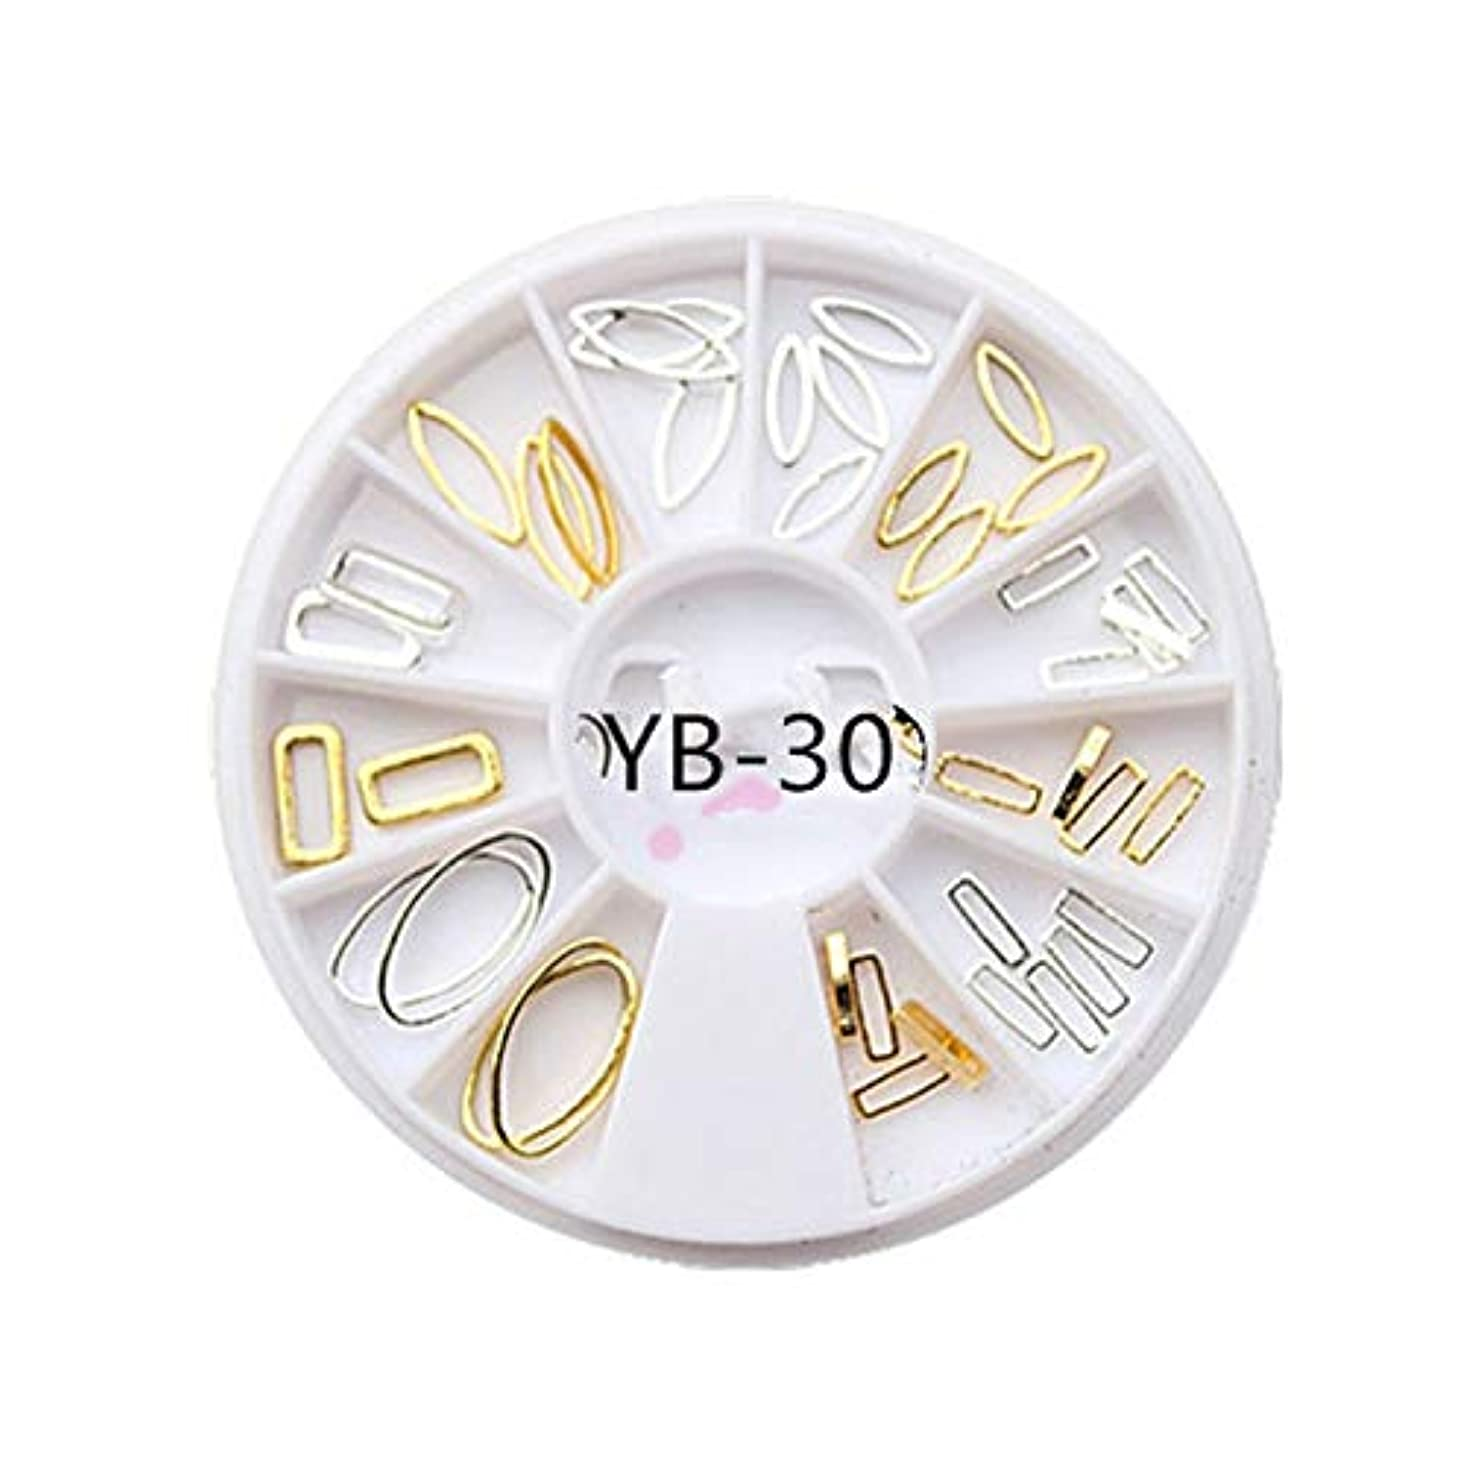 主導権同意積分手足ビューティーケア 3ピースdiyマニキュアディスク飾りアーク金属リング不規則フレーム中空馬の目のリベット光線療法ネイルデコレーション (色 : YB-30)